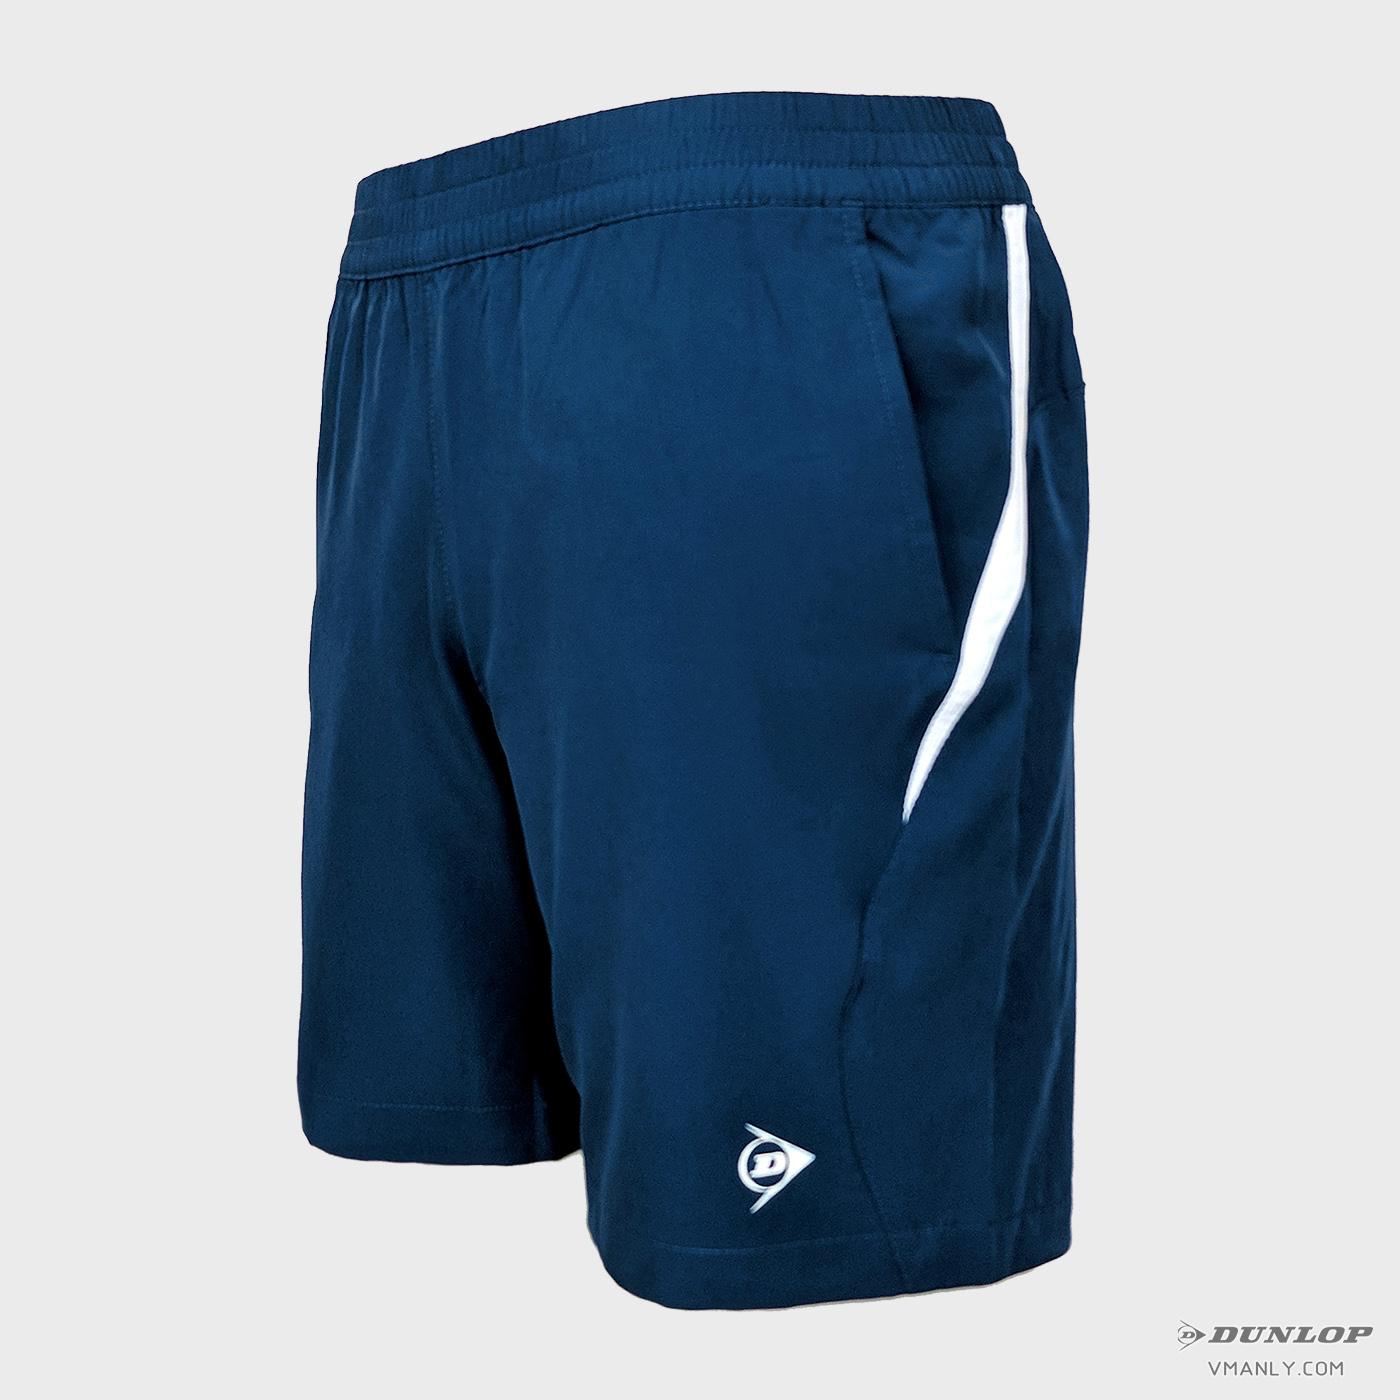 Quần short nam DUNLOP màu xanh DQBAS8001-1S